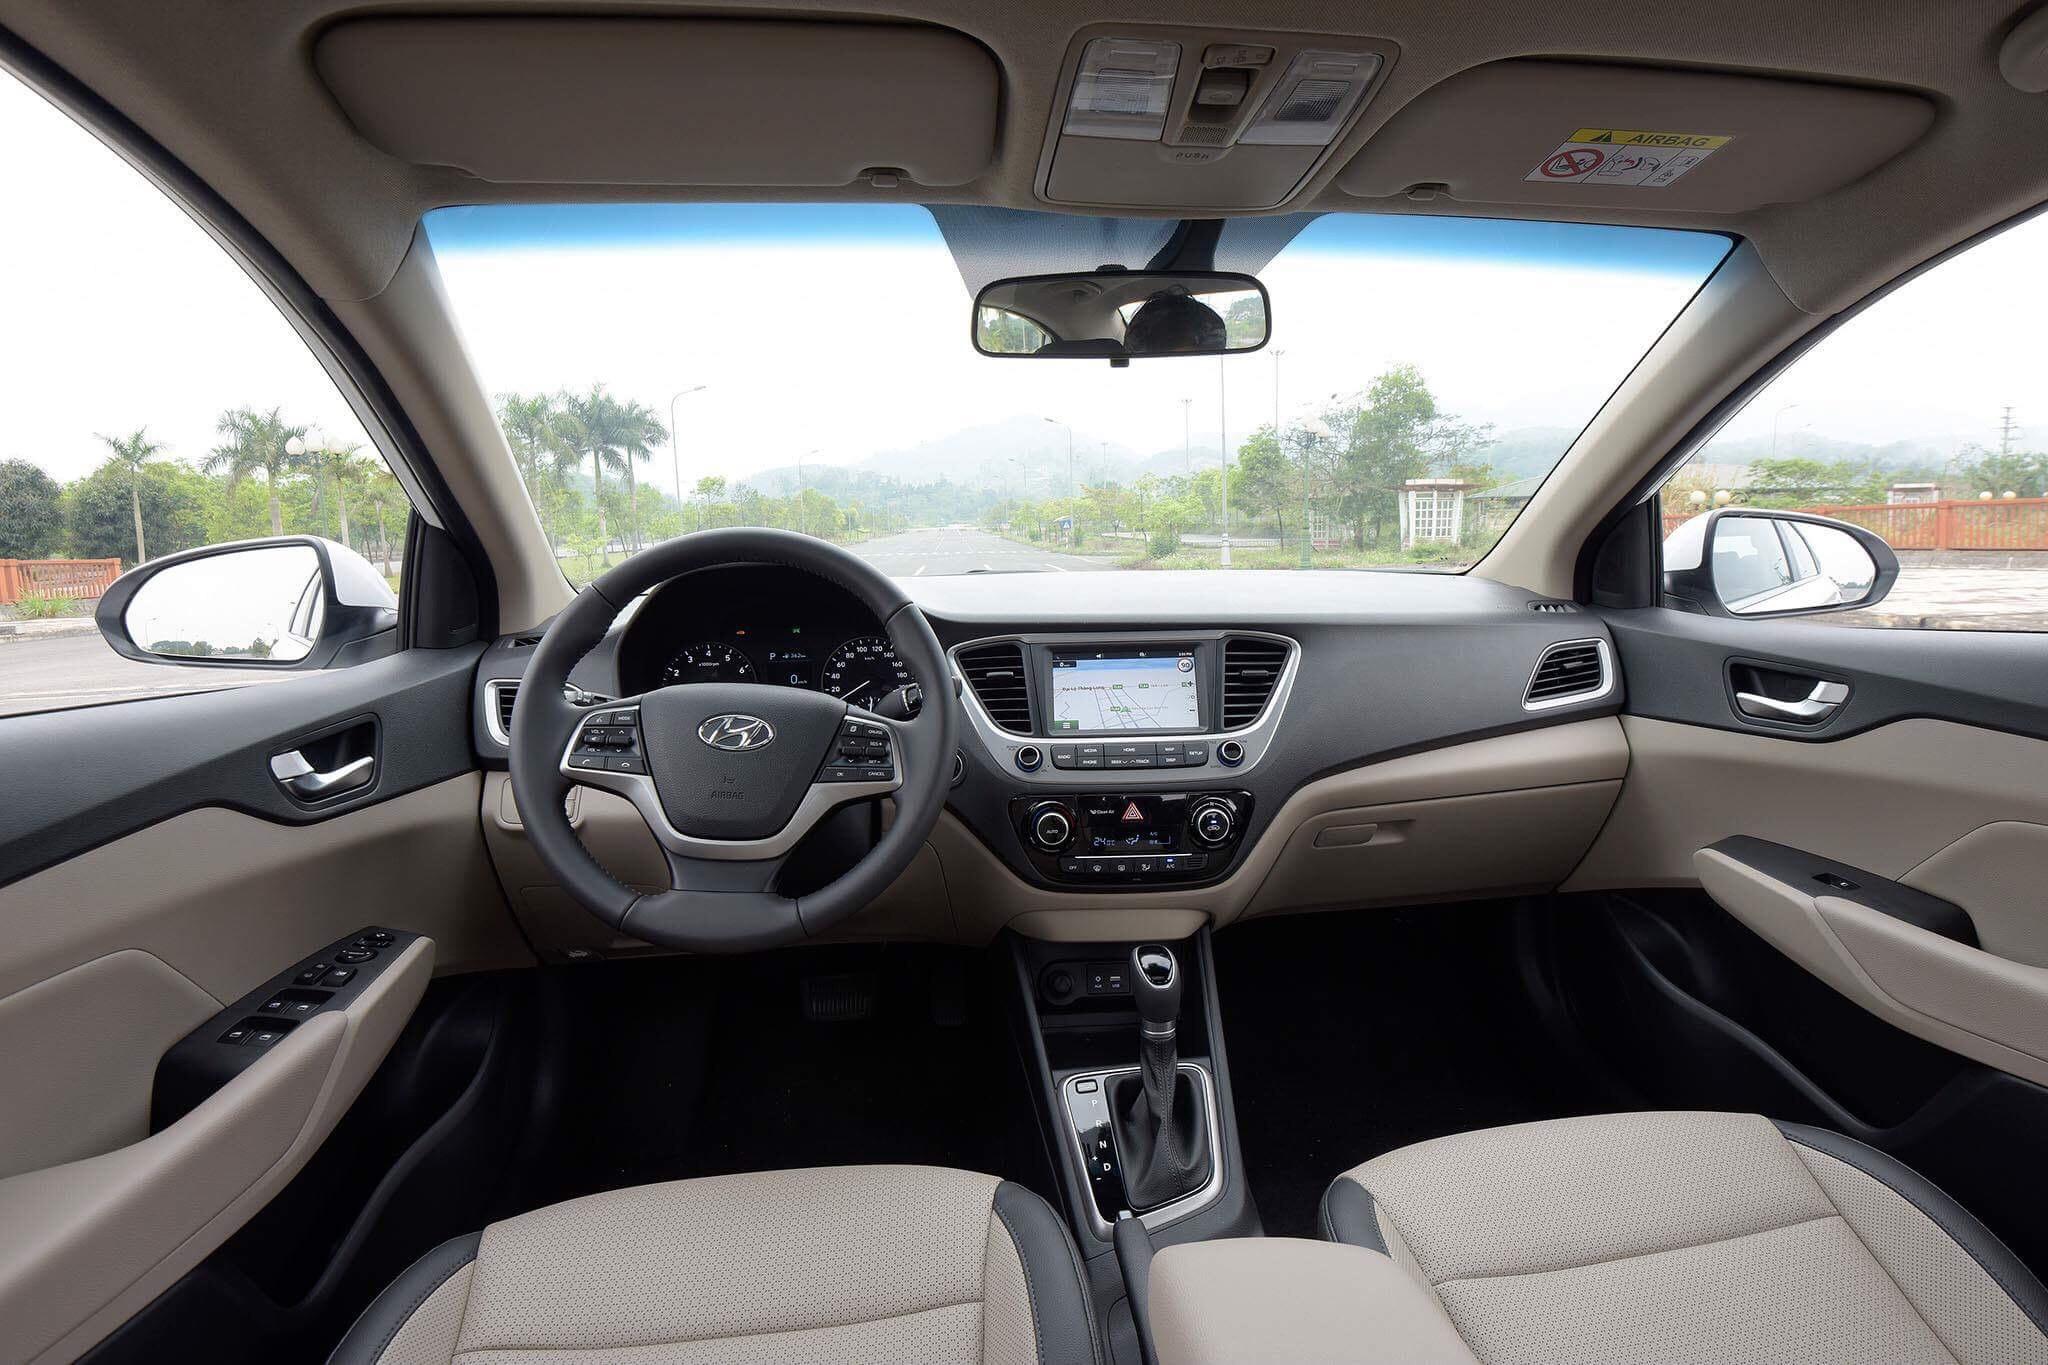 Hyundai accent anh 8 - Hyundai Accent mới: giá xe và khuyến mãi tháng [hienthithang]/[hienthinam]